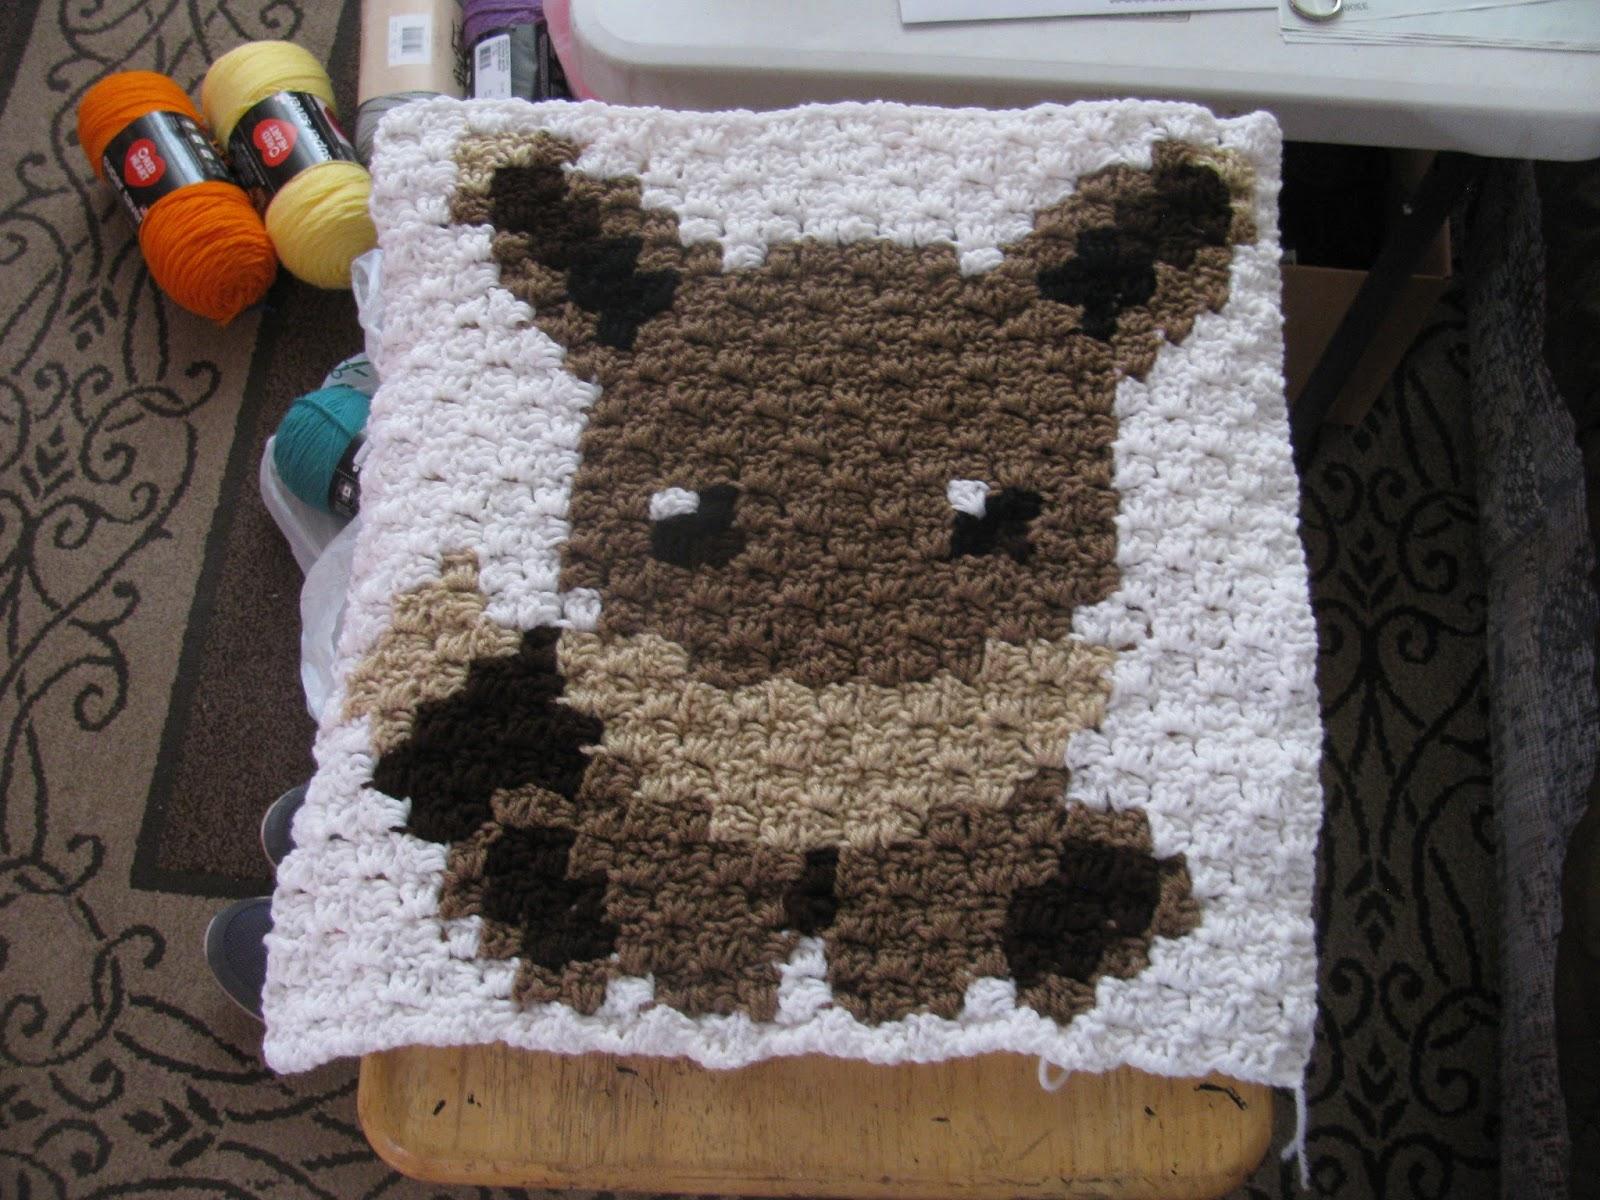 Pokemon Inspired Charmander Crochet Pillow   Etsy   1200x1600